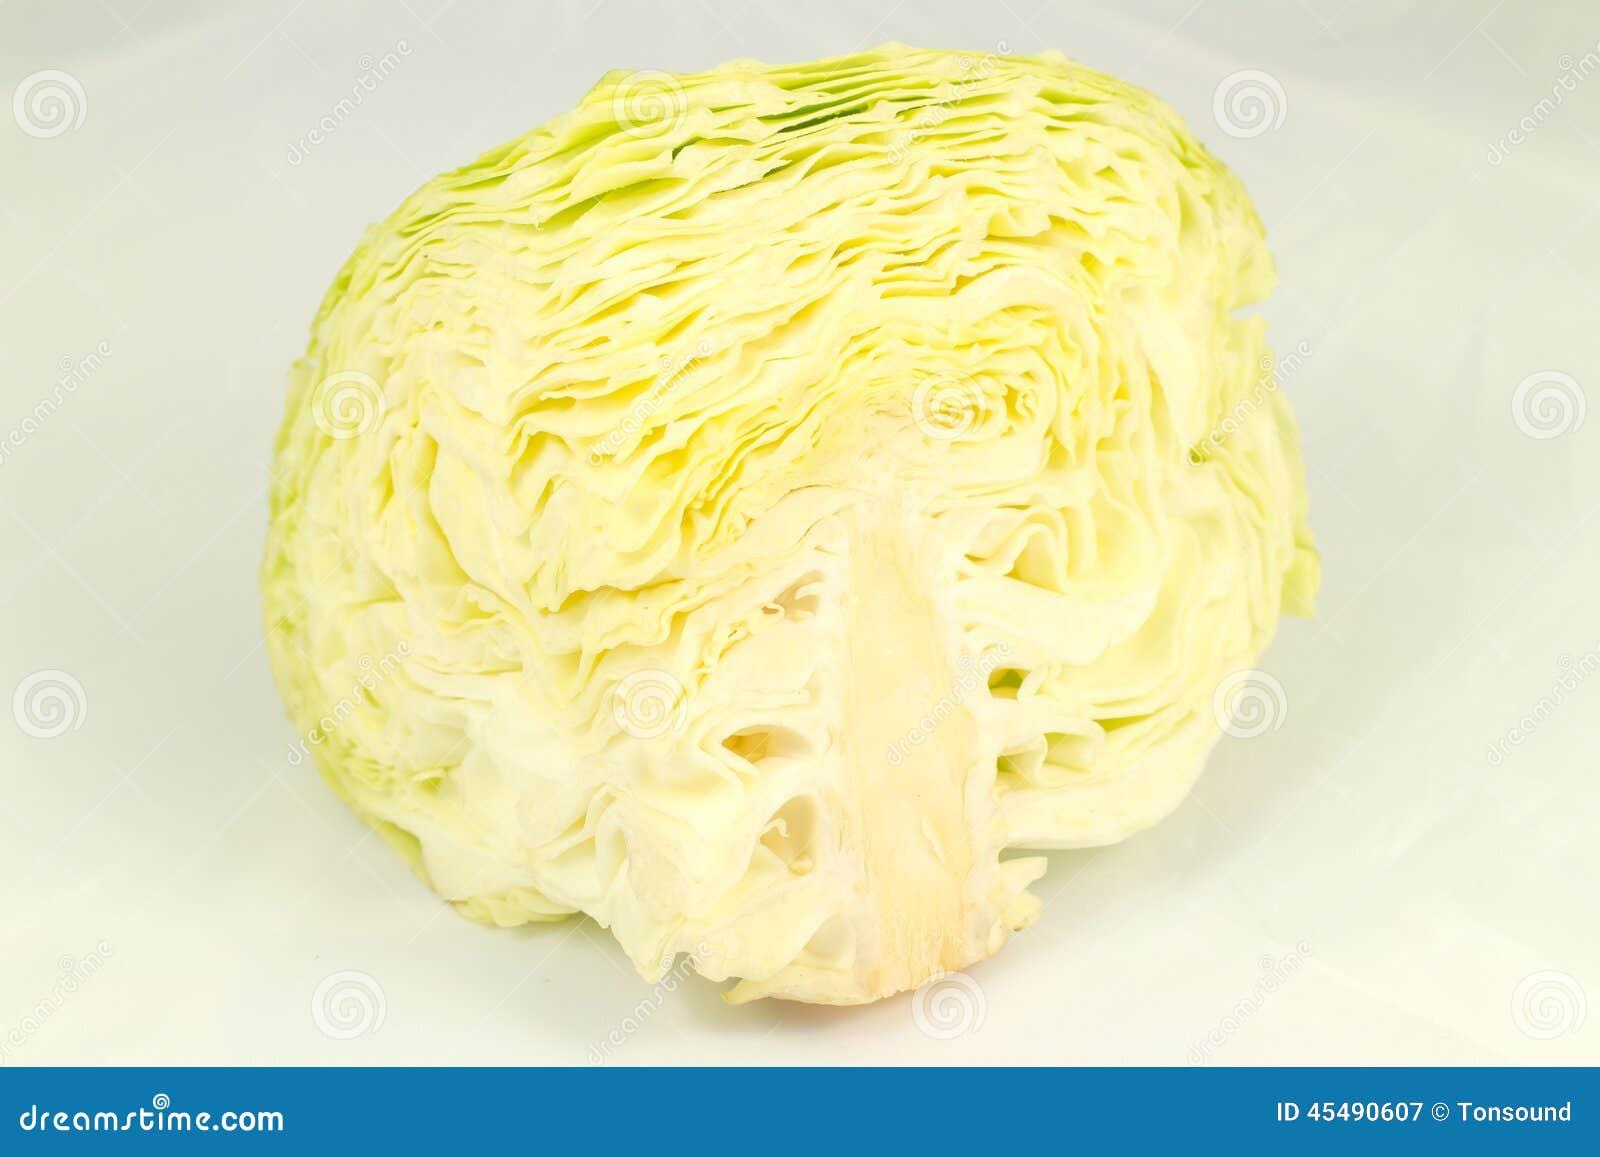 圆白菜外形